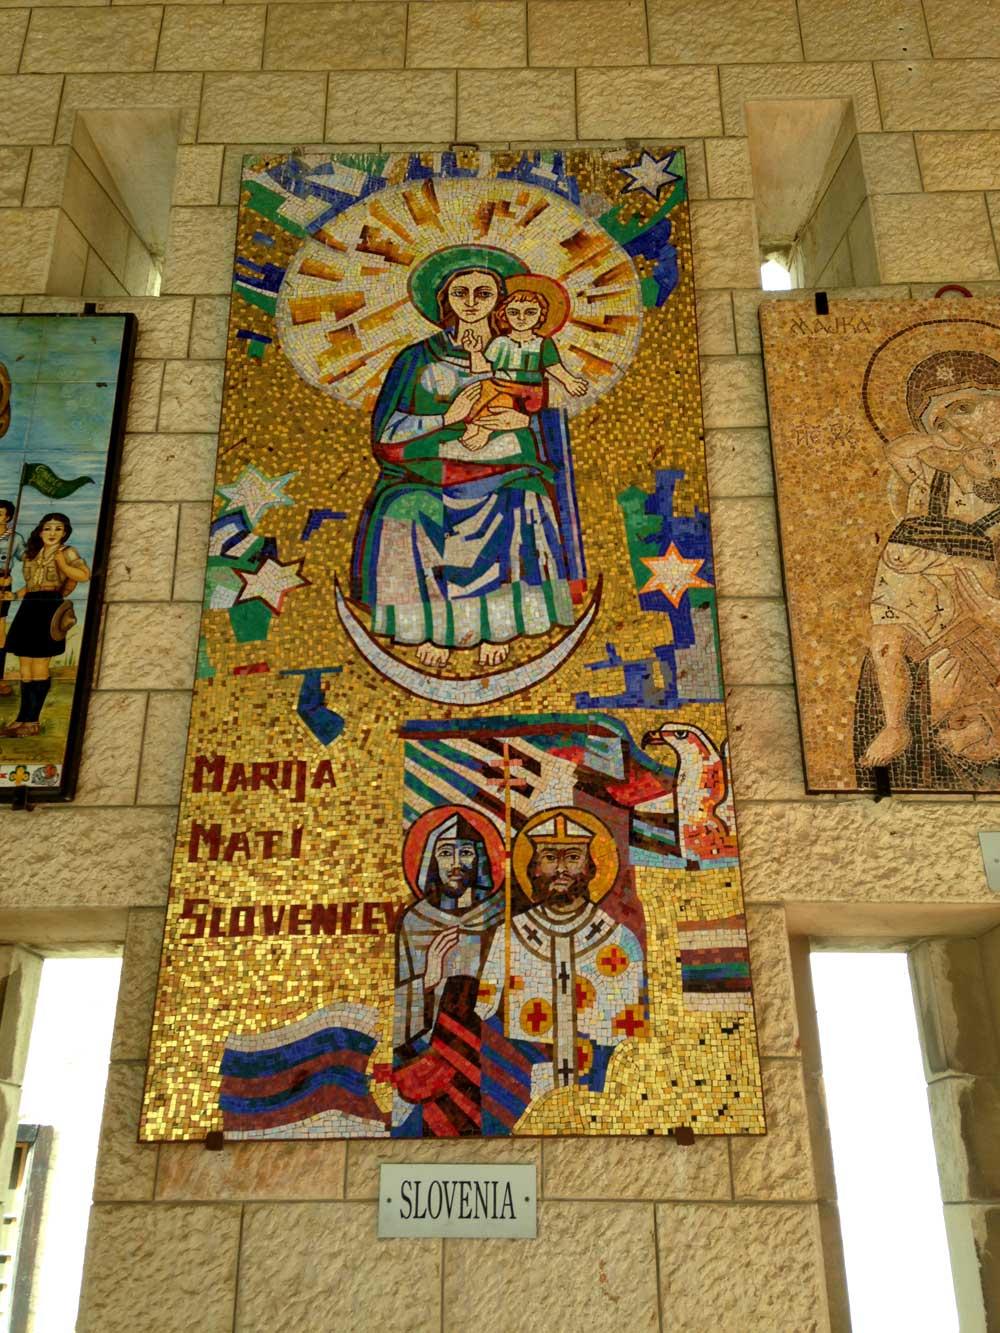 Slovenia mosiac at the Church of the Annunciation